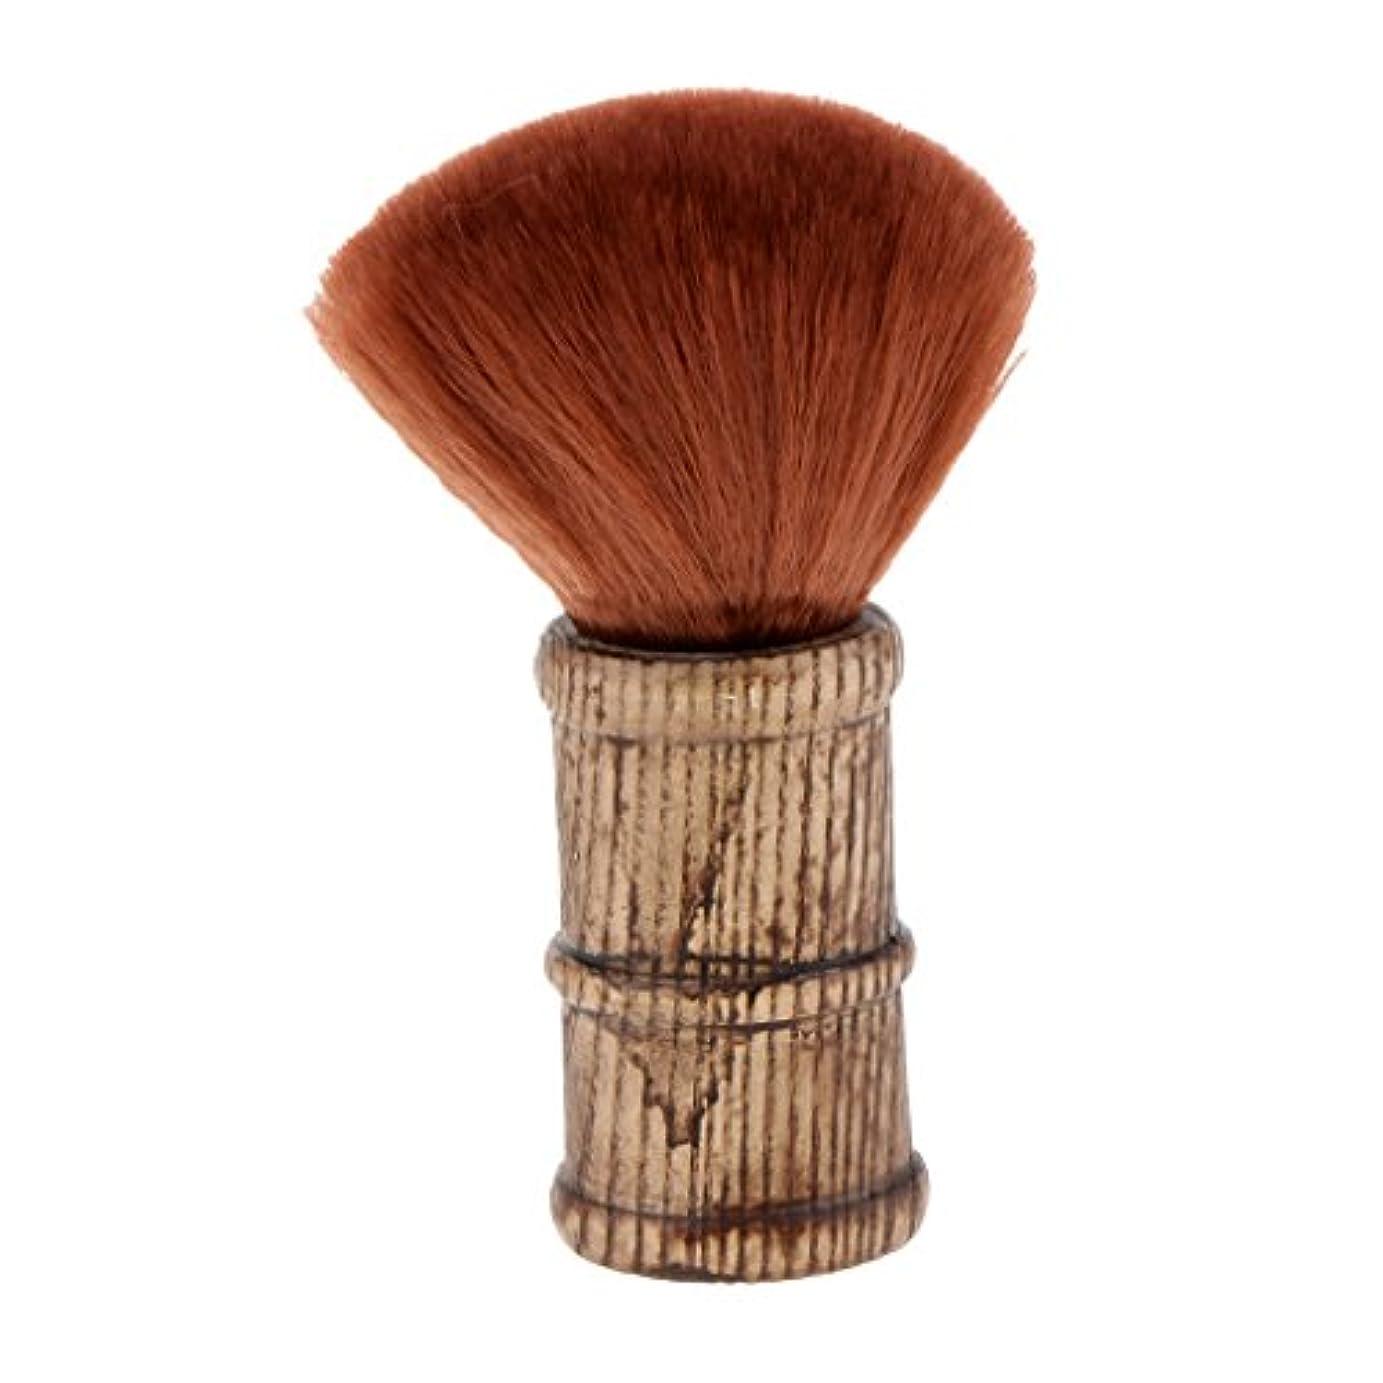 先史時代の注意軍艦Homyl ネックダスターブラシ ヘアカットブラシ メイクブラシ サロン 理髪師 散髪 ブラシ 滑り防止 耐久性 2色選べる - 褐色